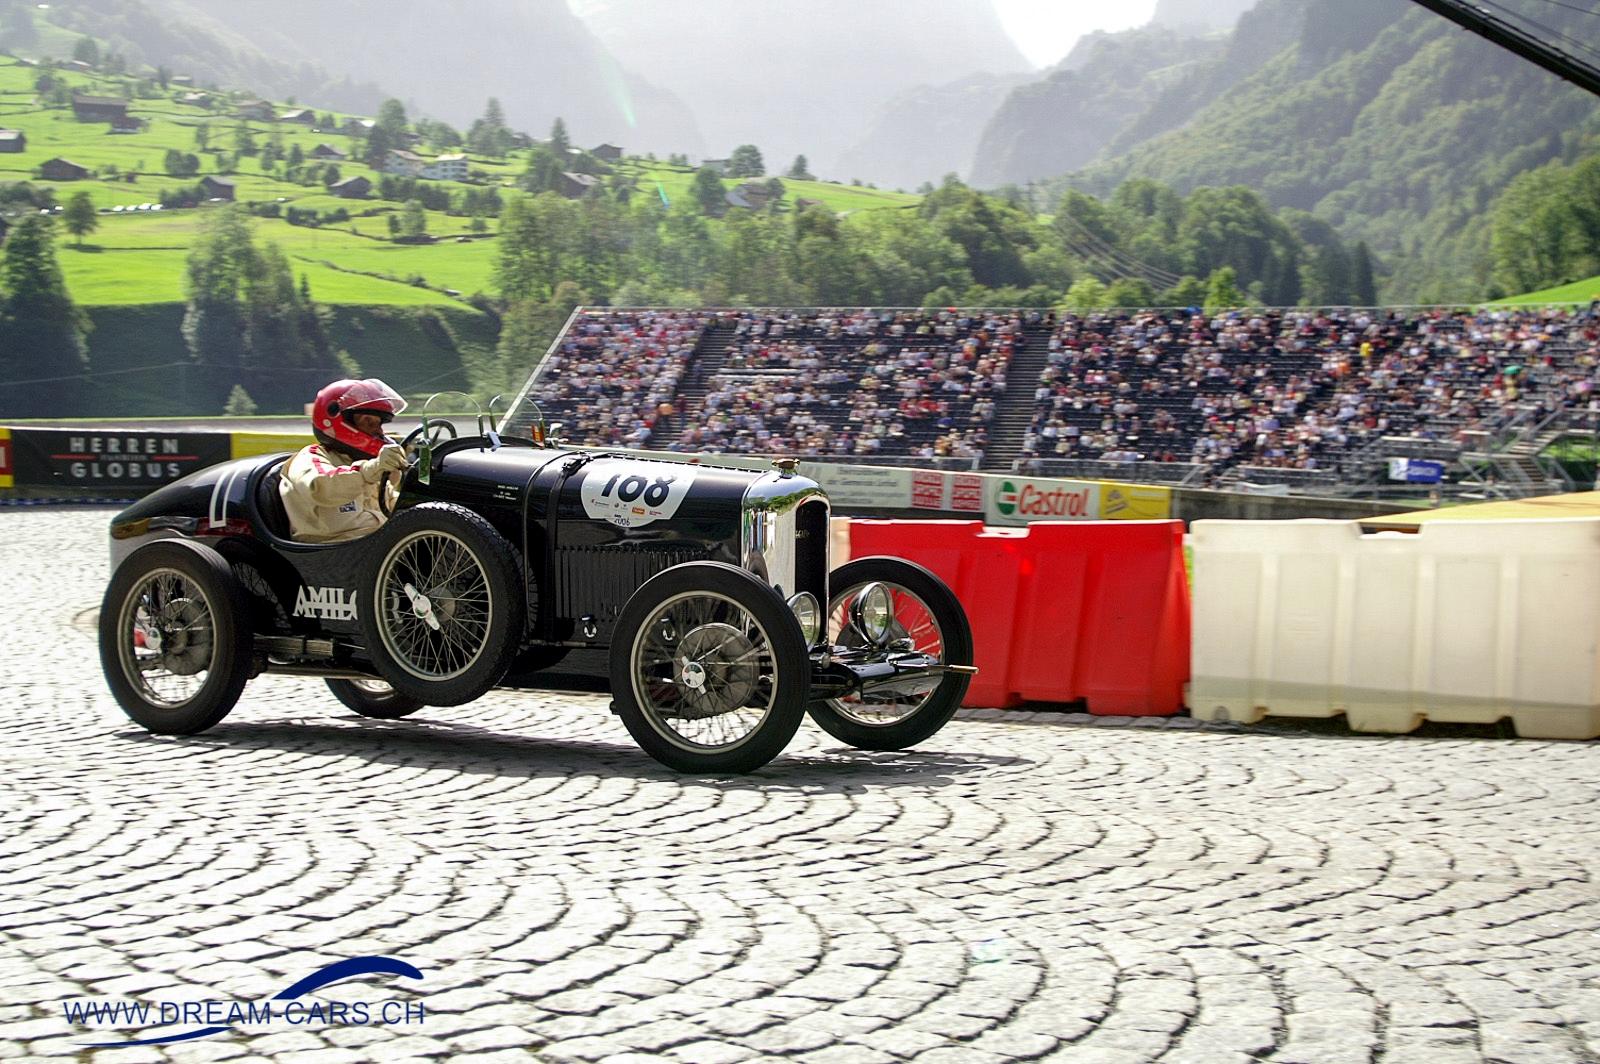 Gody Naef zum 99. Geburtstag. Hier mit dem Amilcar am Klausenrennen kruz nach dem Start in Linthal auf dem einzigen Stück Originalstrasse des Klausens mit Kopfsteinpflaster